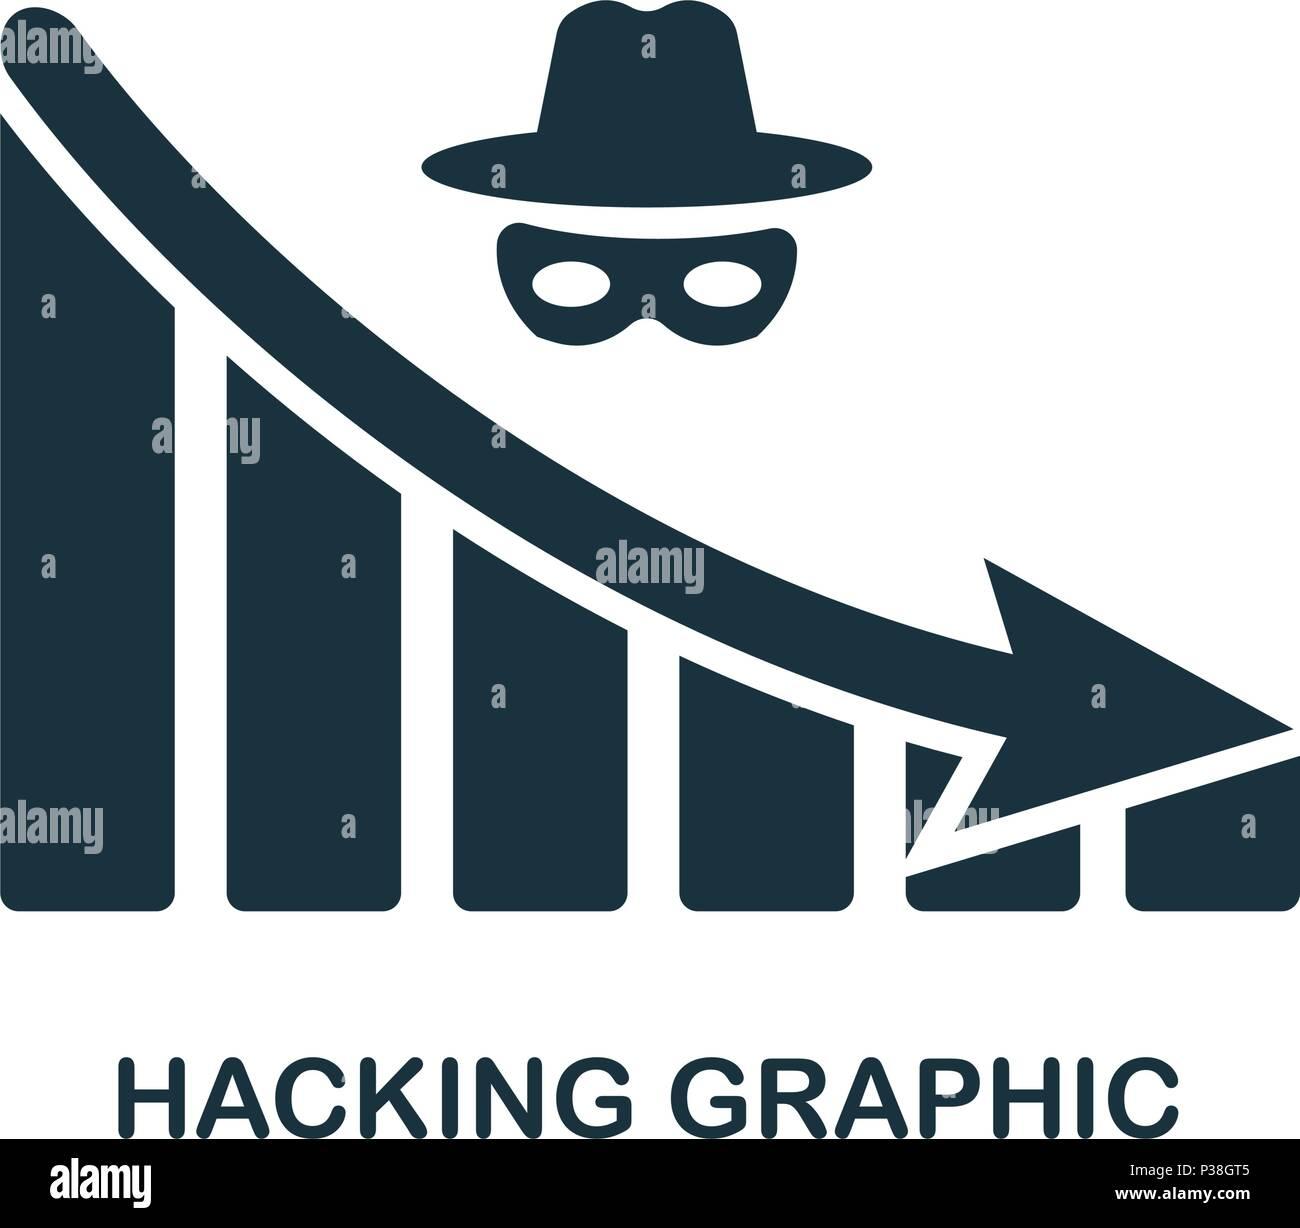 Hacking diminuer icône graphique. Application pour mobile, l'impression, l'icône du site web. L'élément simple à chanter. Hacking monochrome diminuer icône graphique illustration. Photo Stock